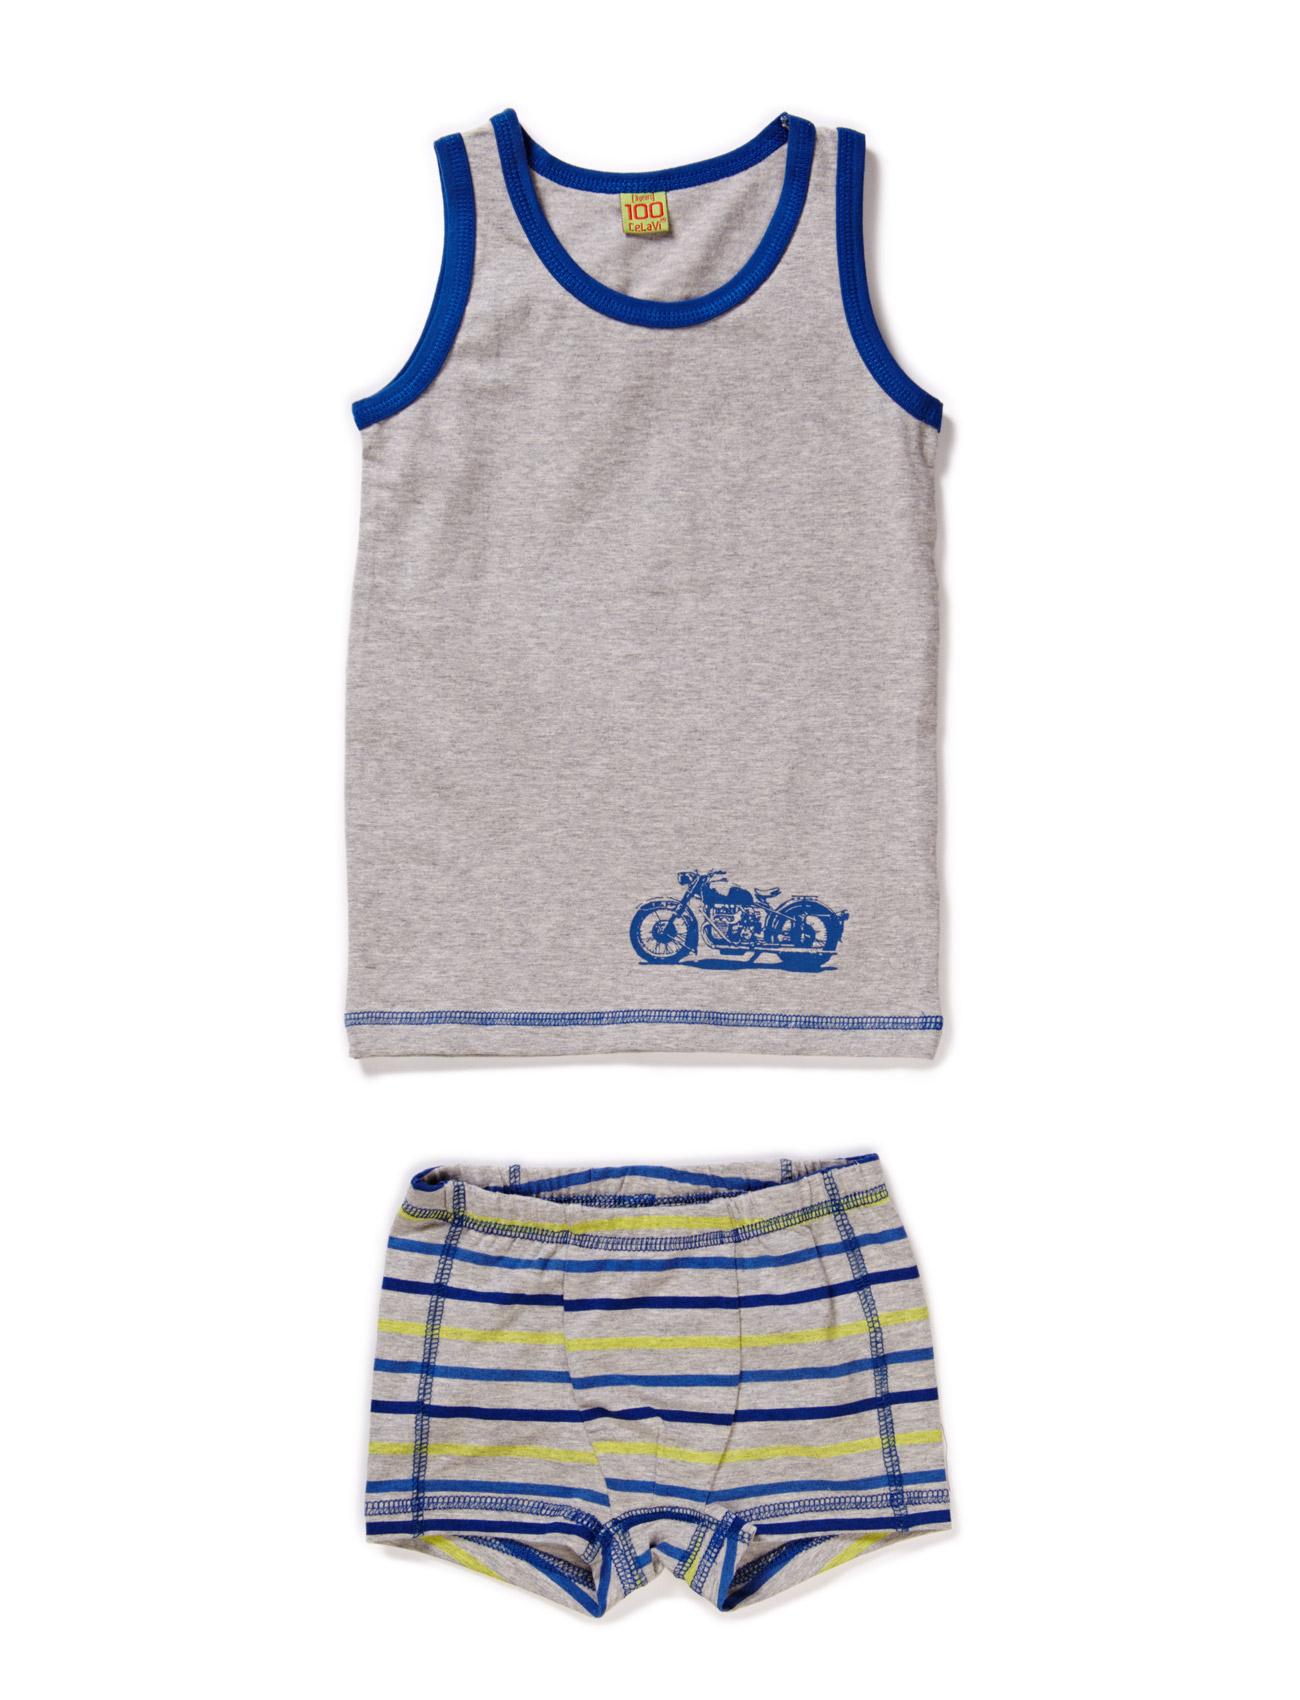 Underwear Set With Stripes